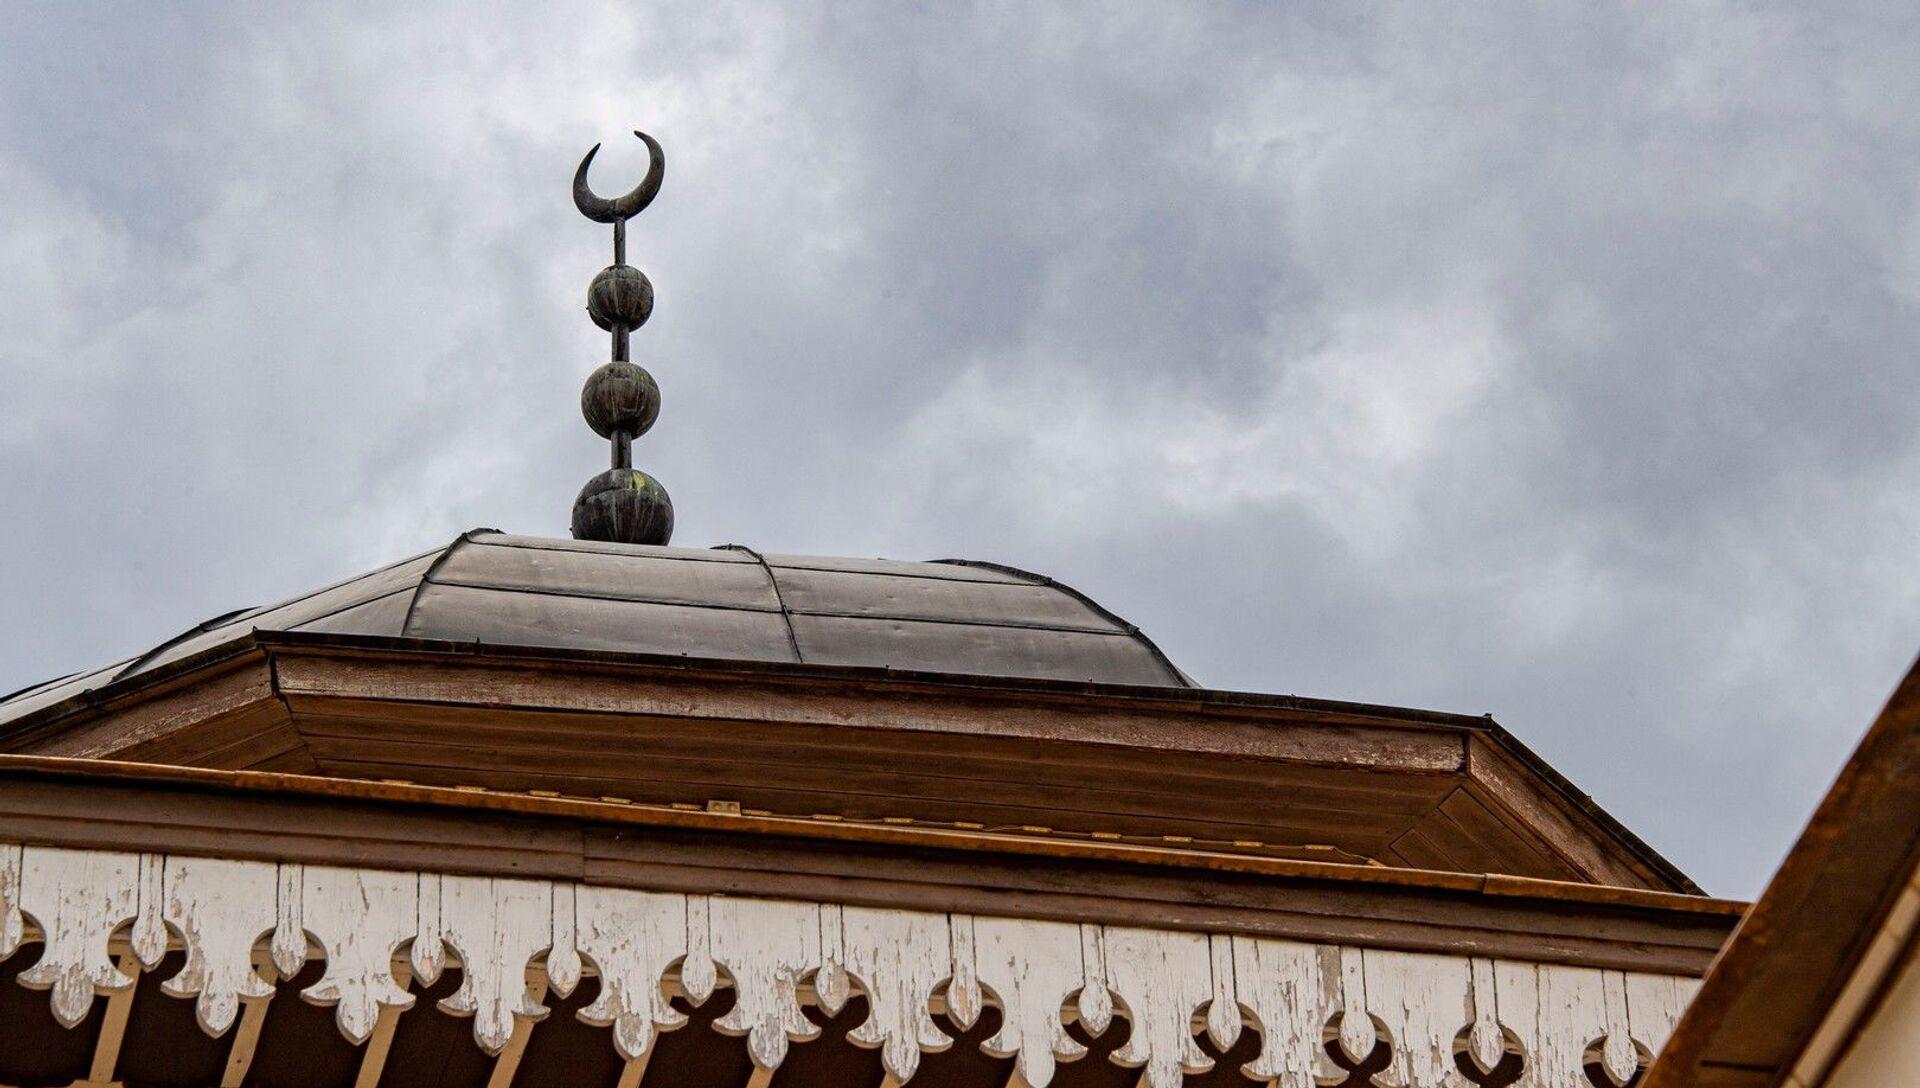 Мечеть Кебир-Джами  - РИА Новости, 1920, 10.11.2020